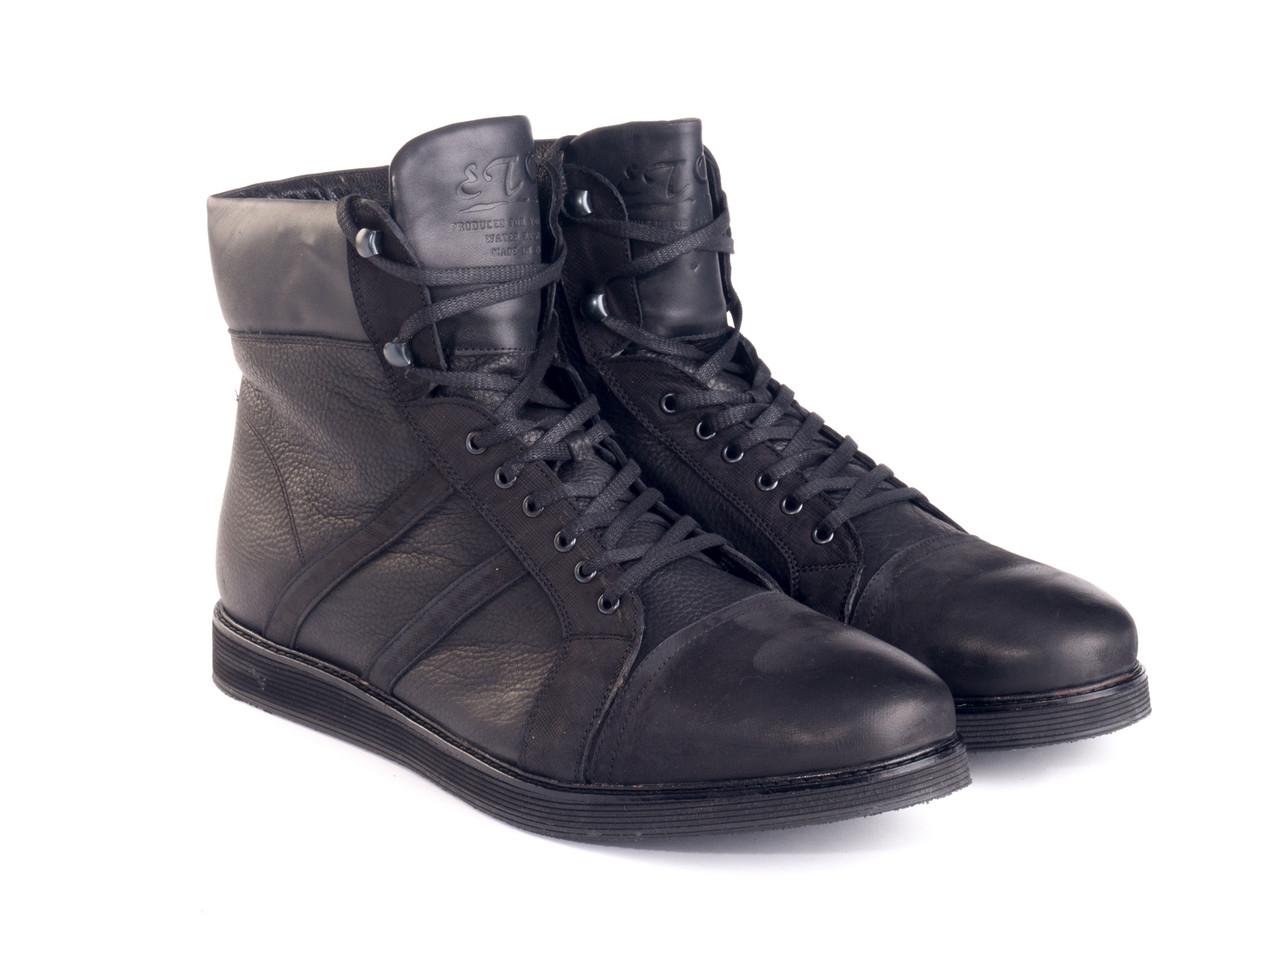 Ботинки Etor 8503-08-847-01-013 черные, фото 1